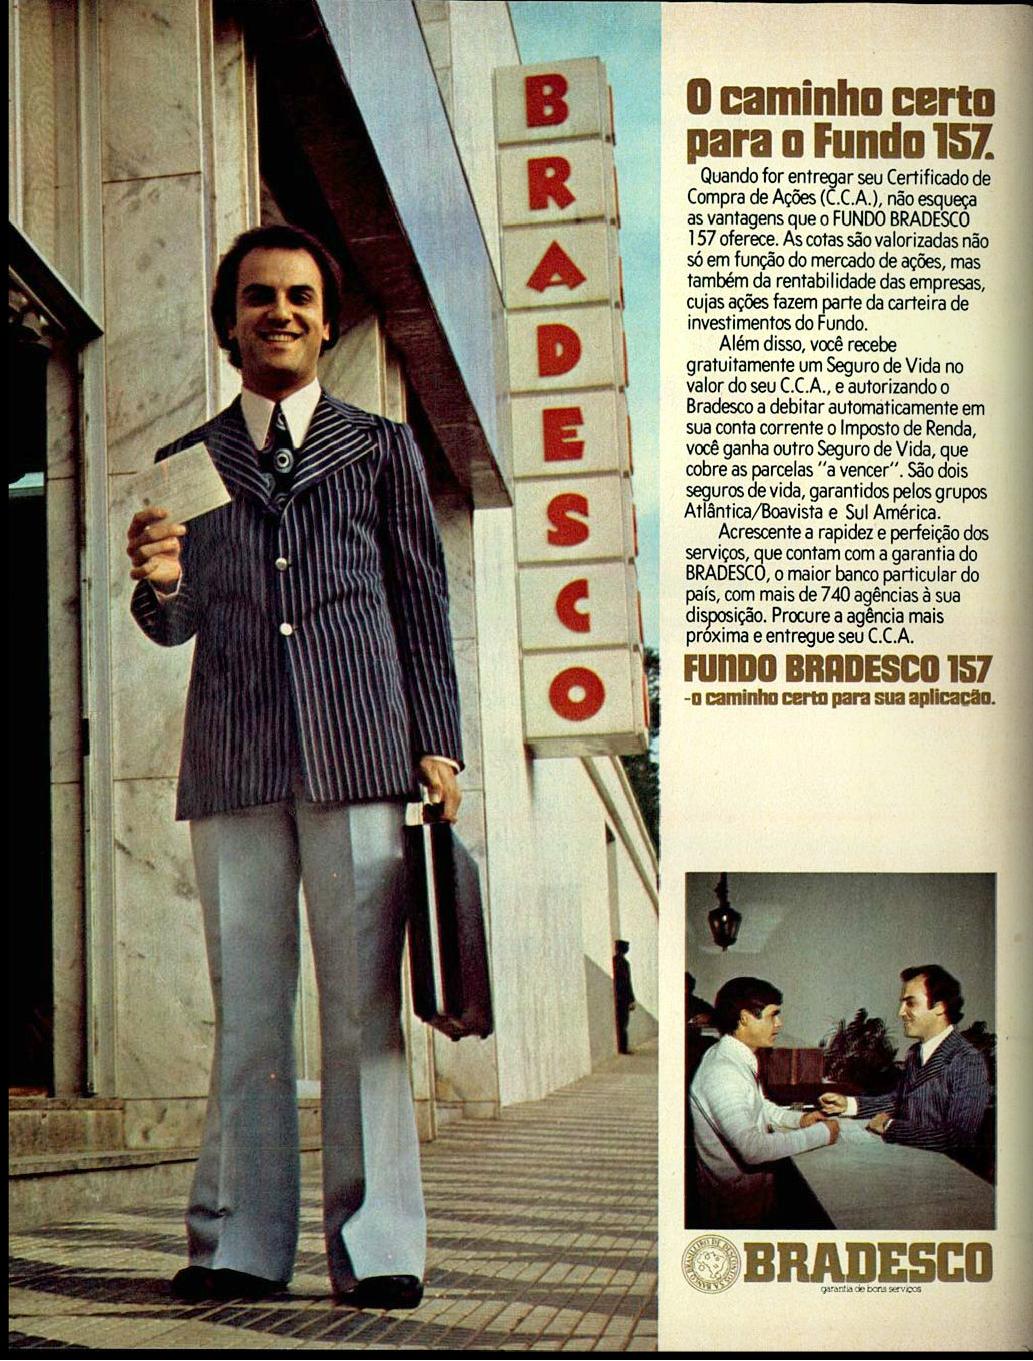 Propaganda do Banco Bradesco veiculado na metade dos anos 70